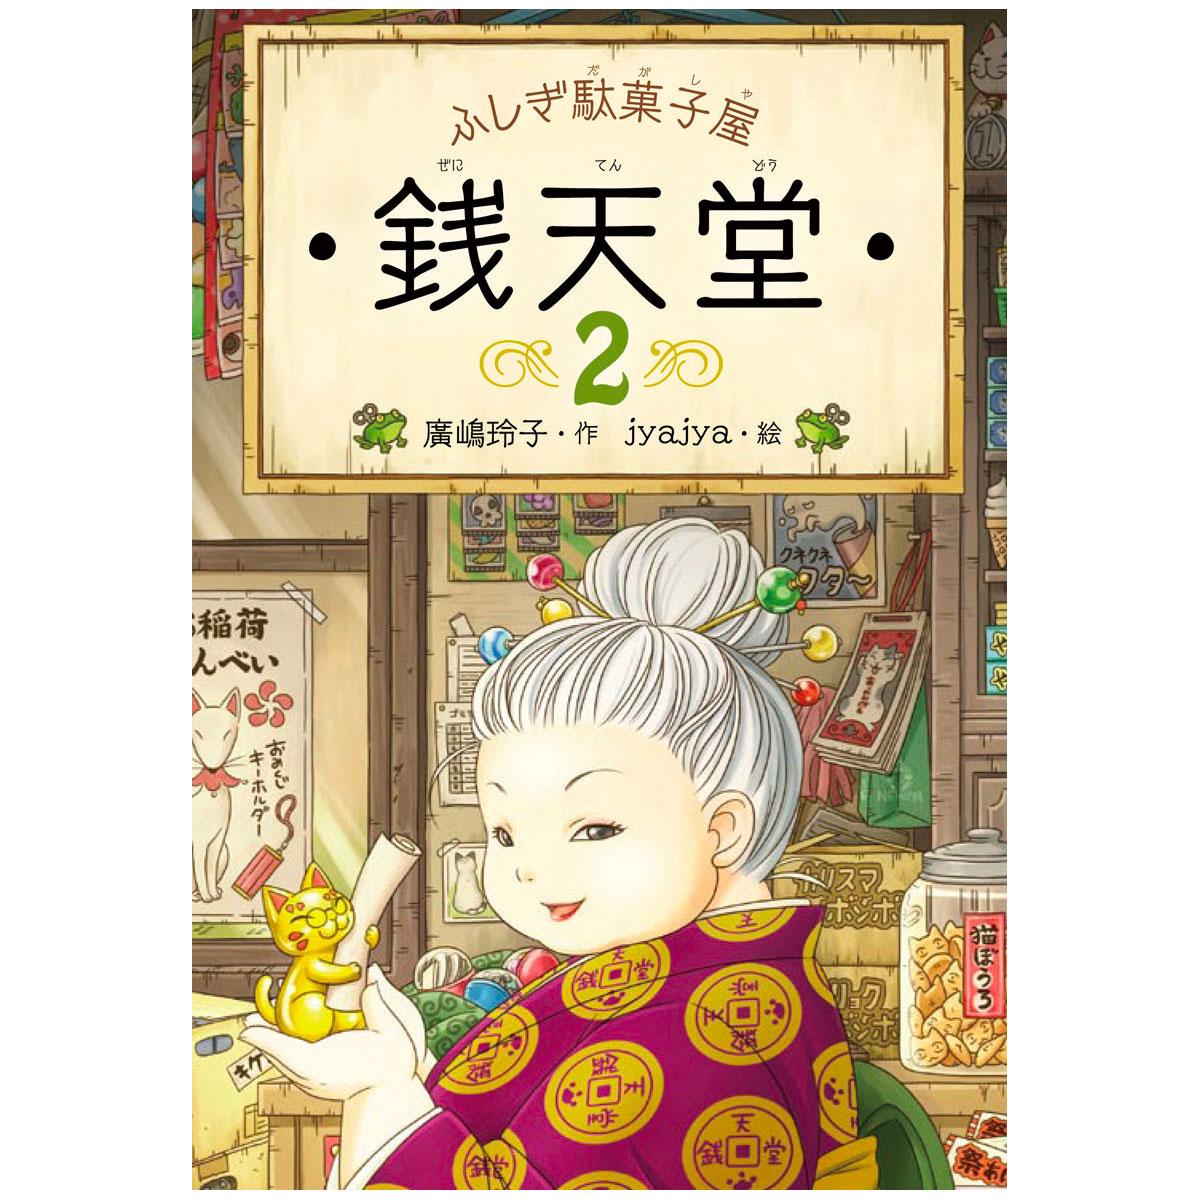 ふしぎ駄菓子屋 宅配便送料無料 銭天堂2 公式通販